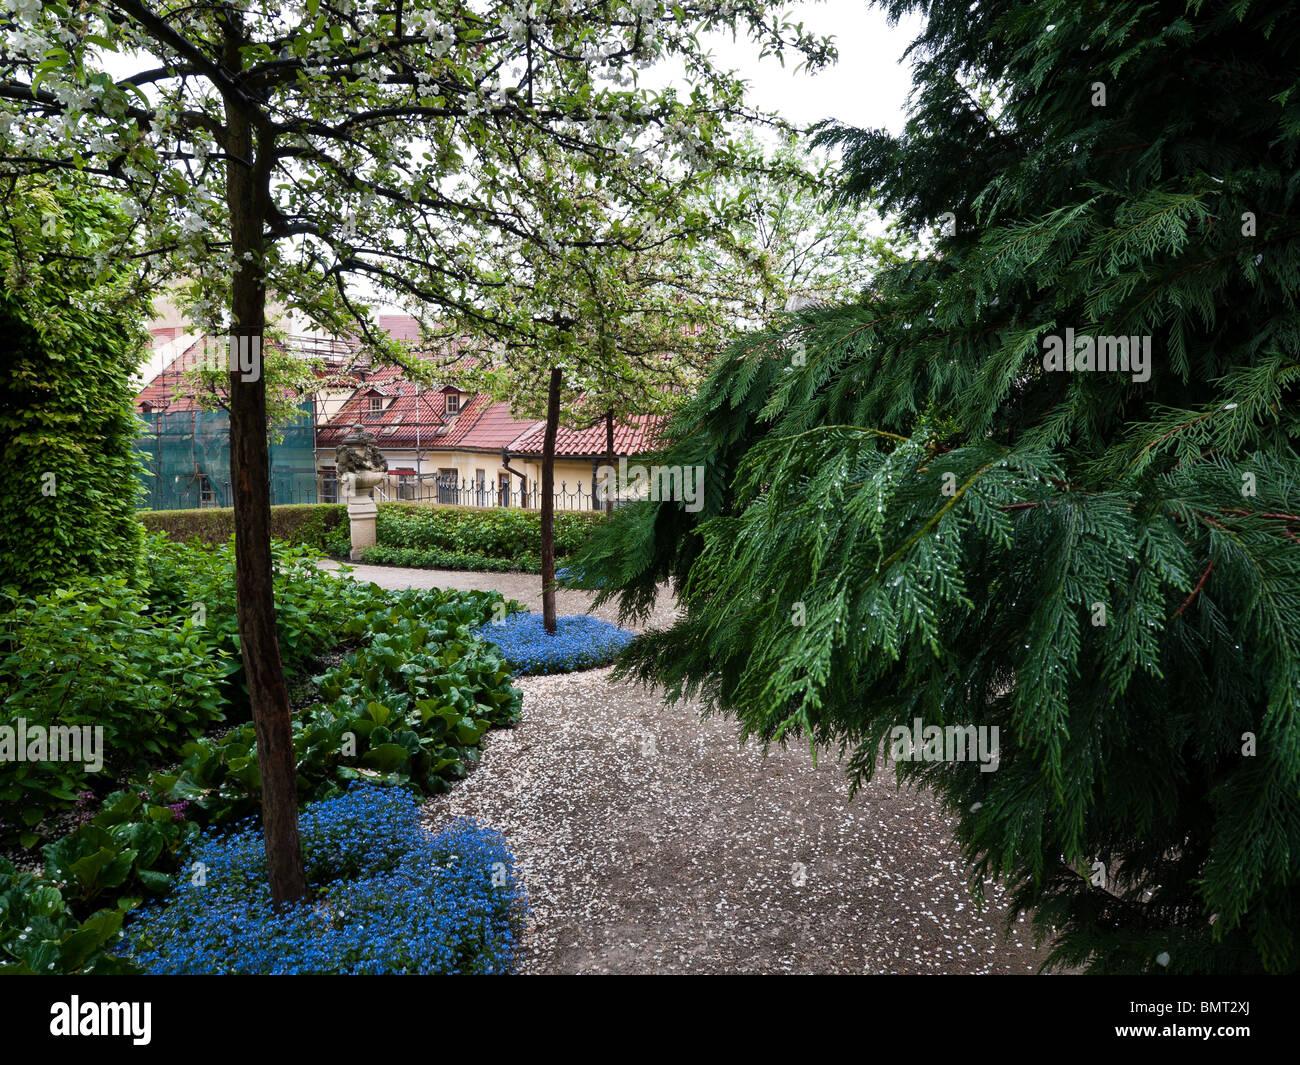 vrtba garden prague czech - photo #43